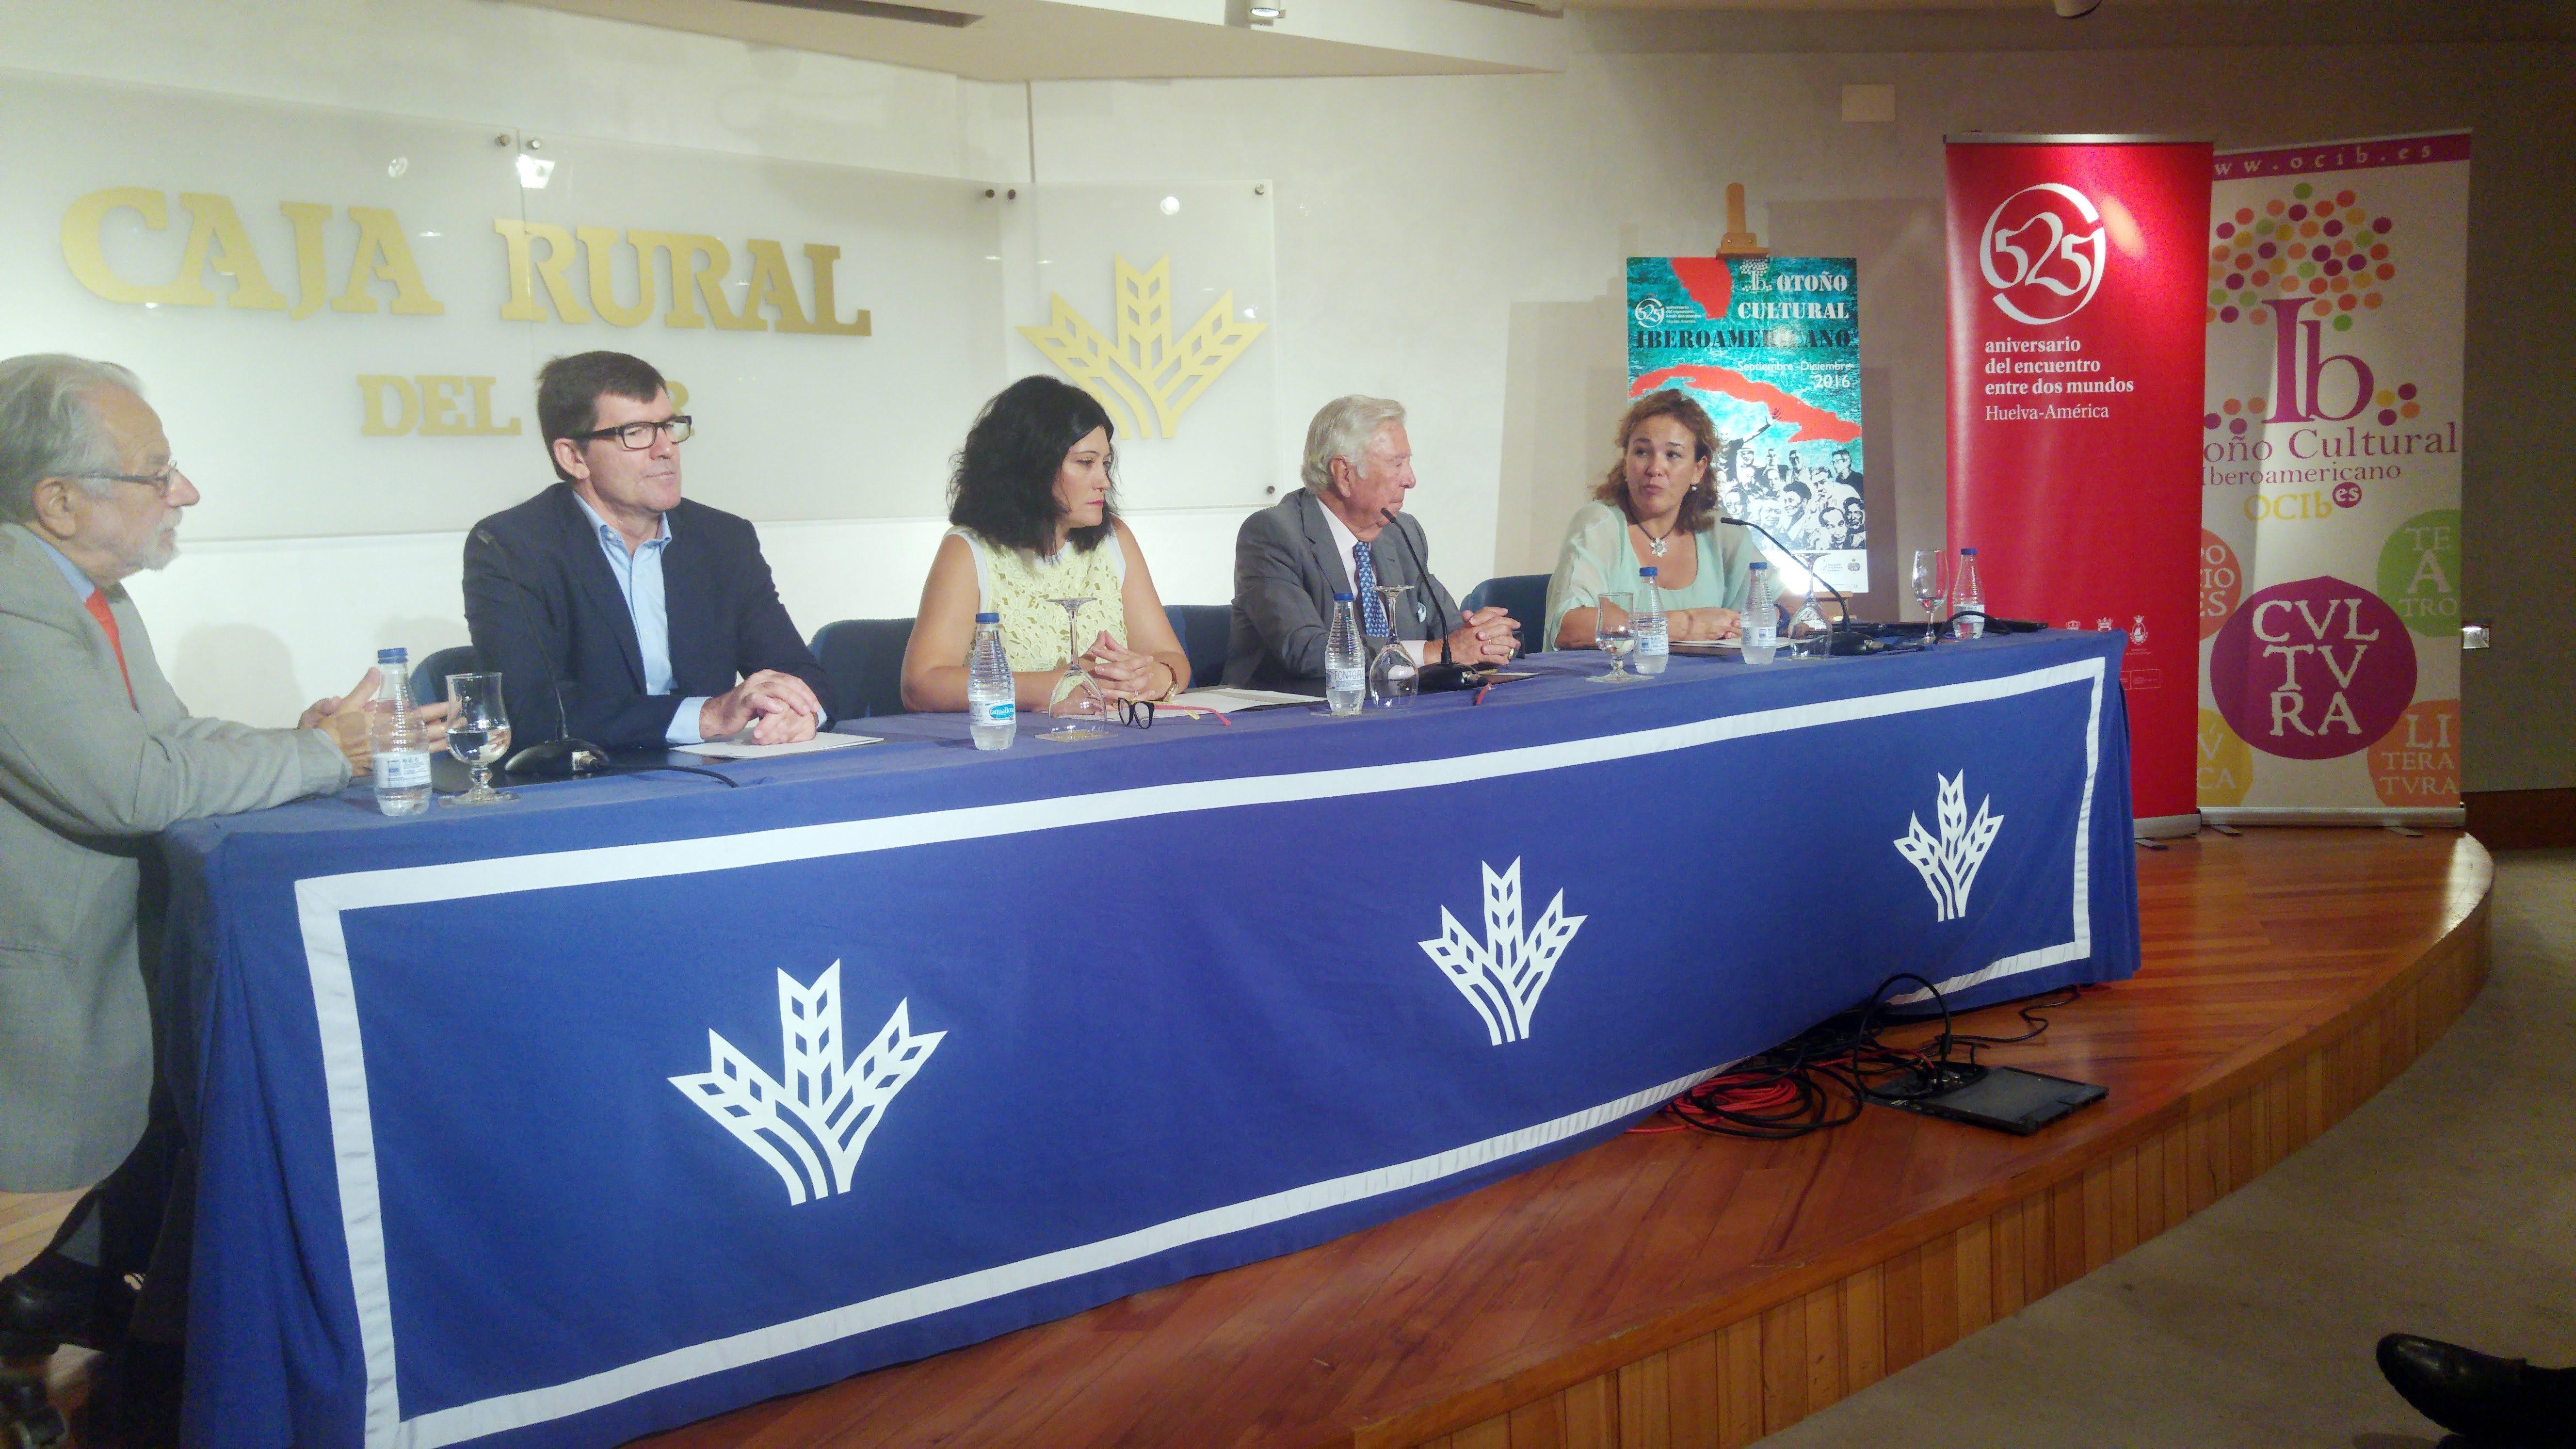 Acto de presentación del programa y cartel del OCIb 2016 en Caja Rural del Sur.